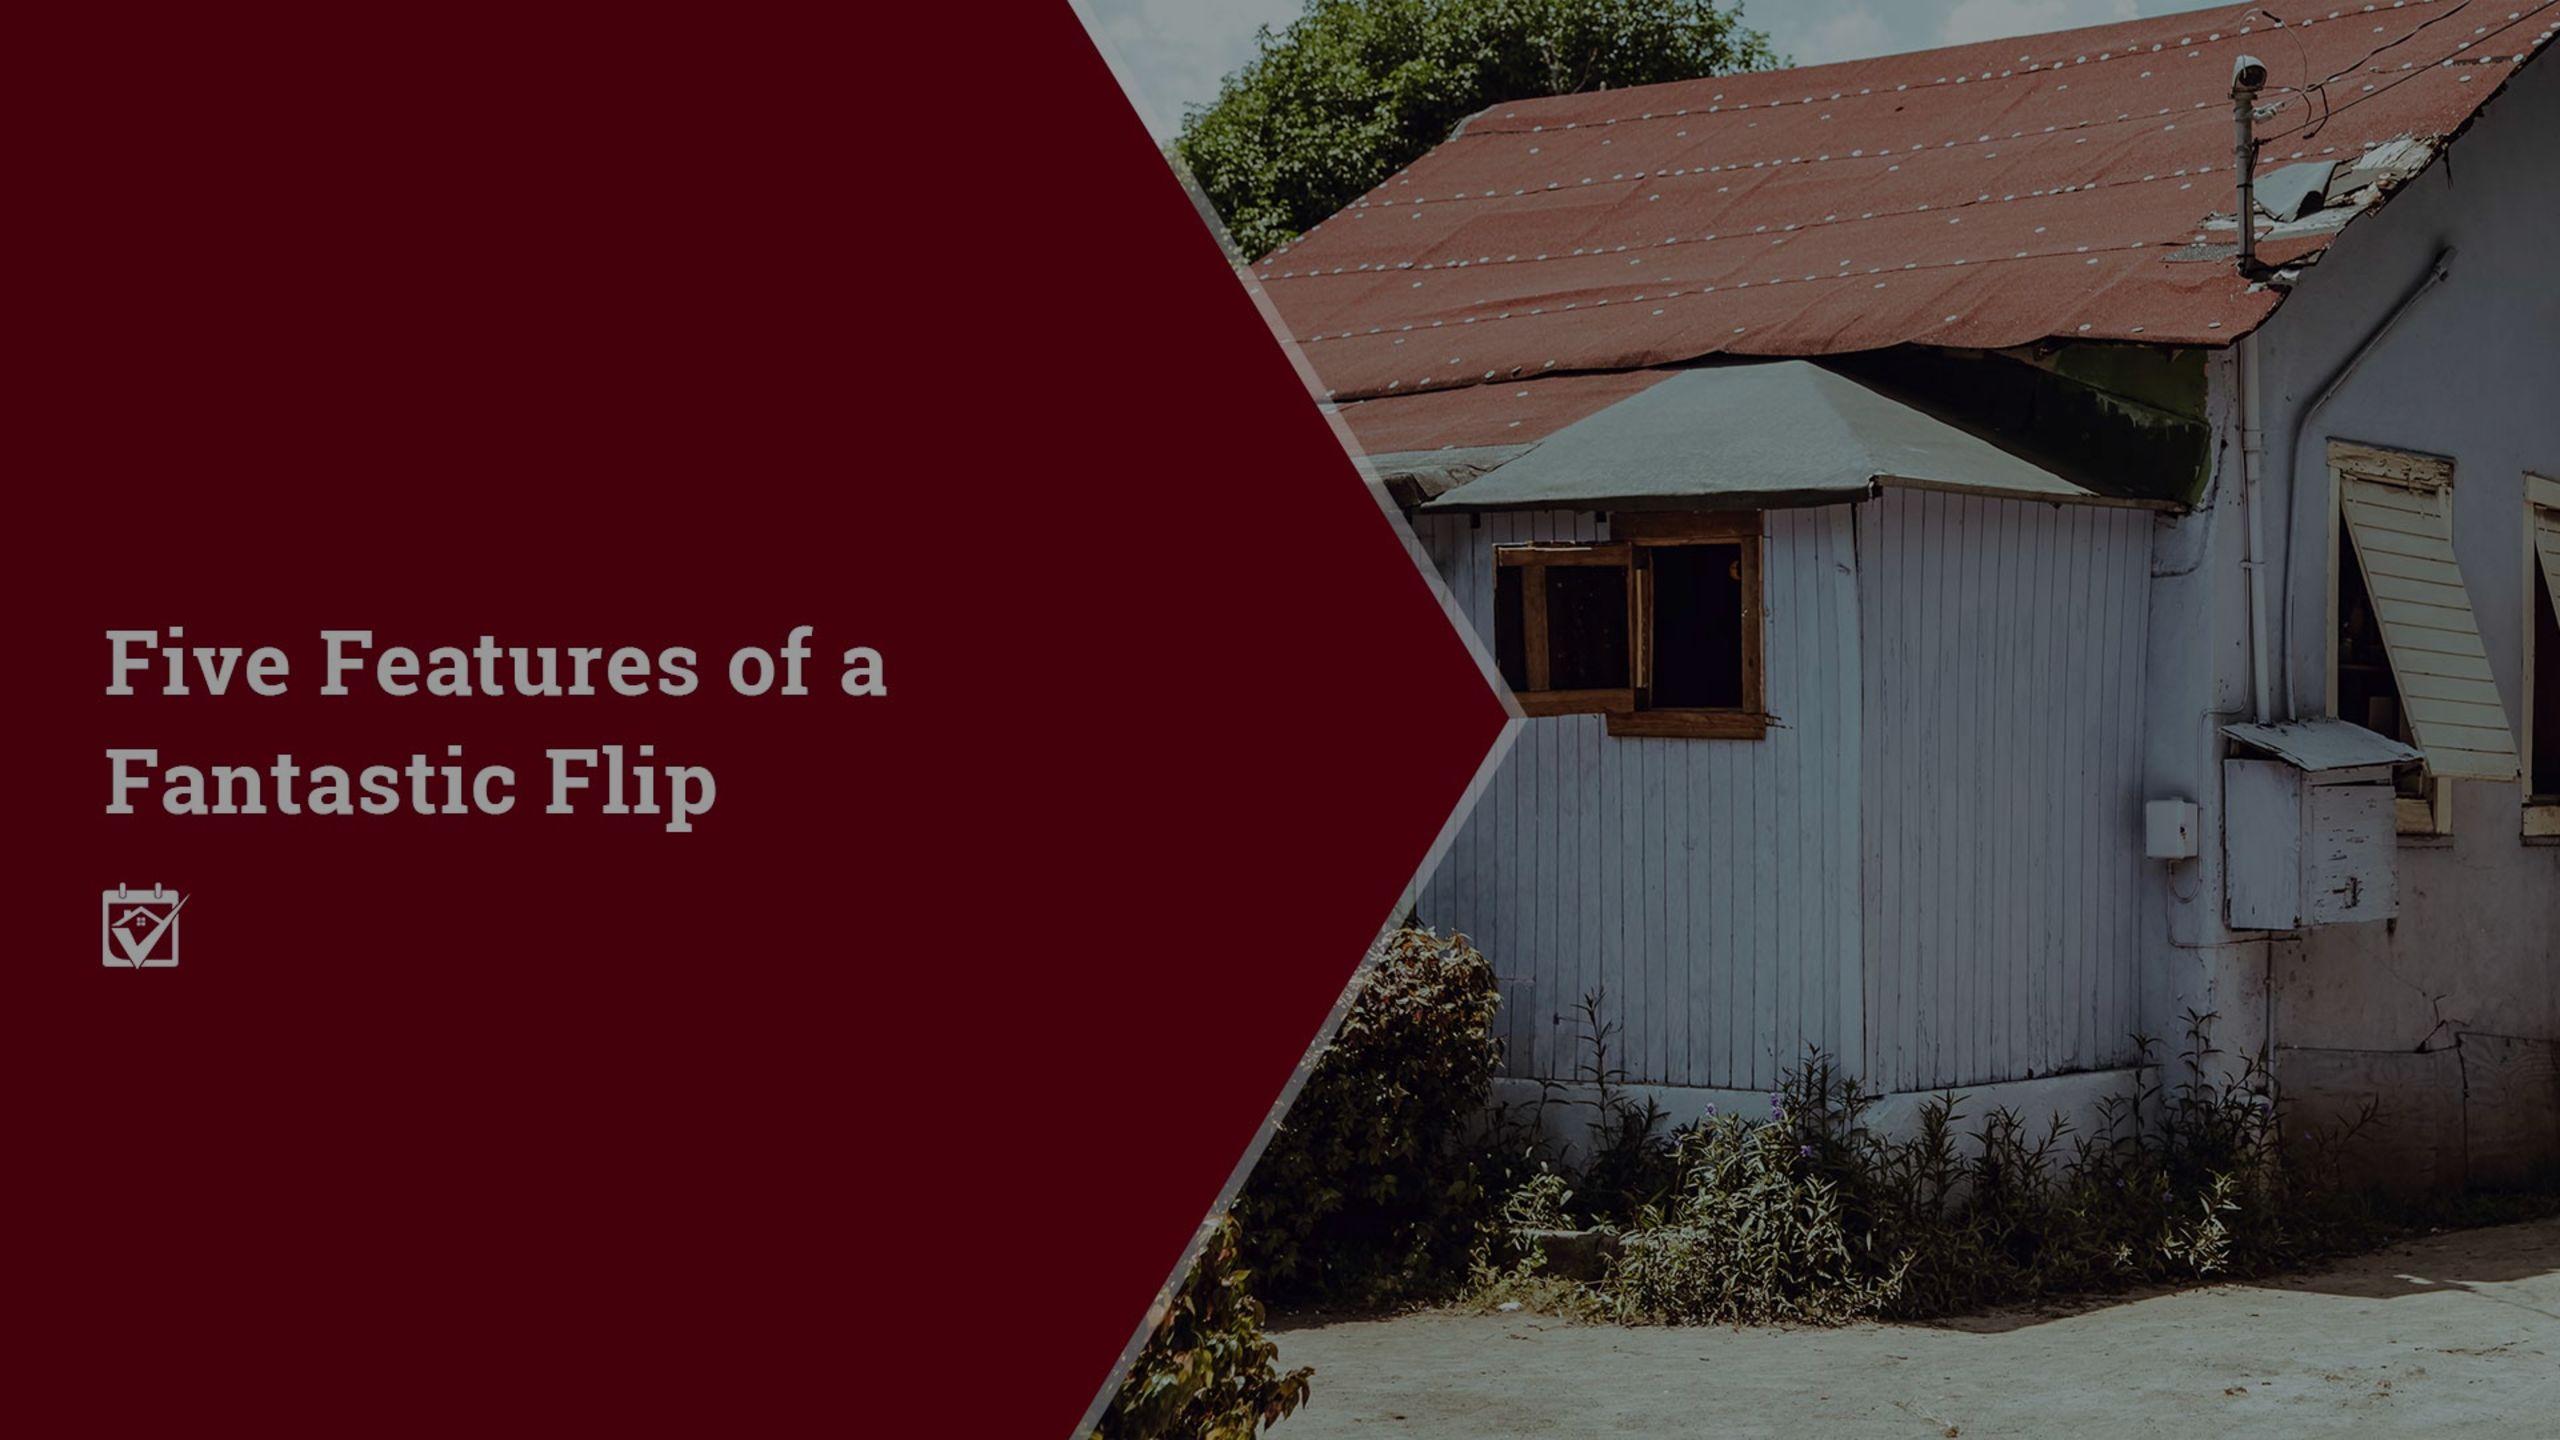 Five Features of a Fantastic Flip